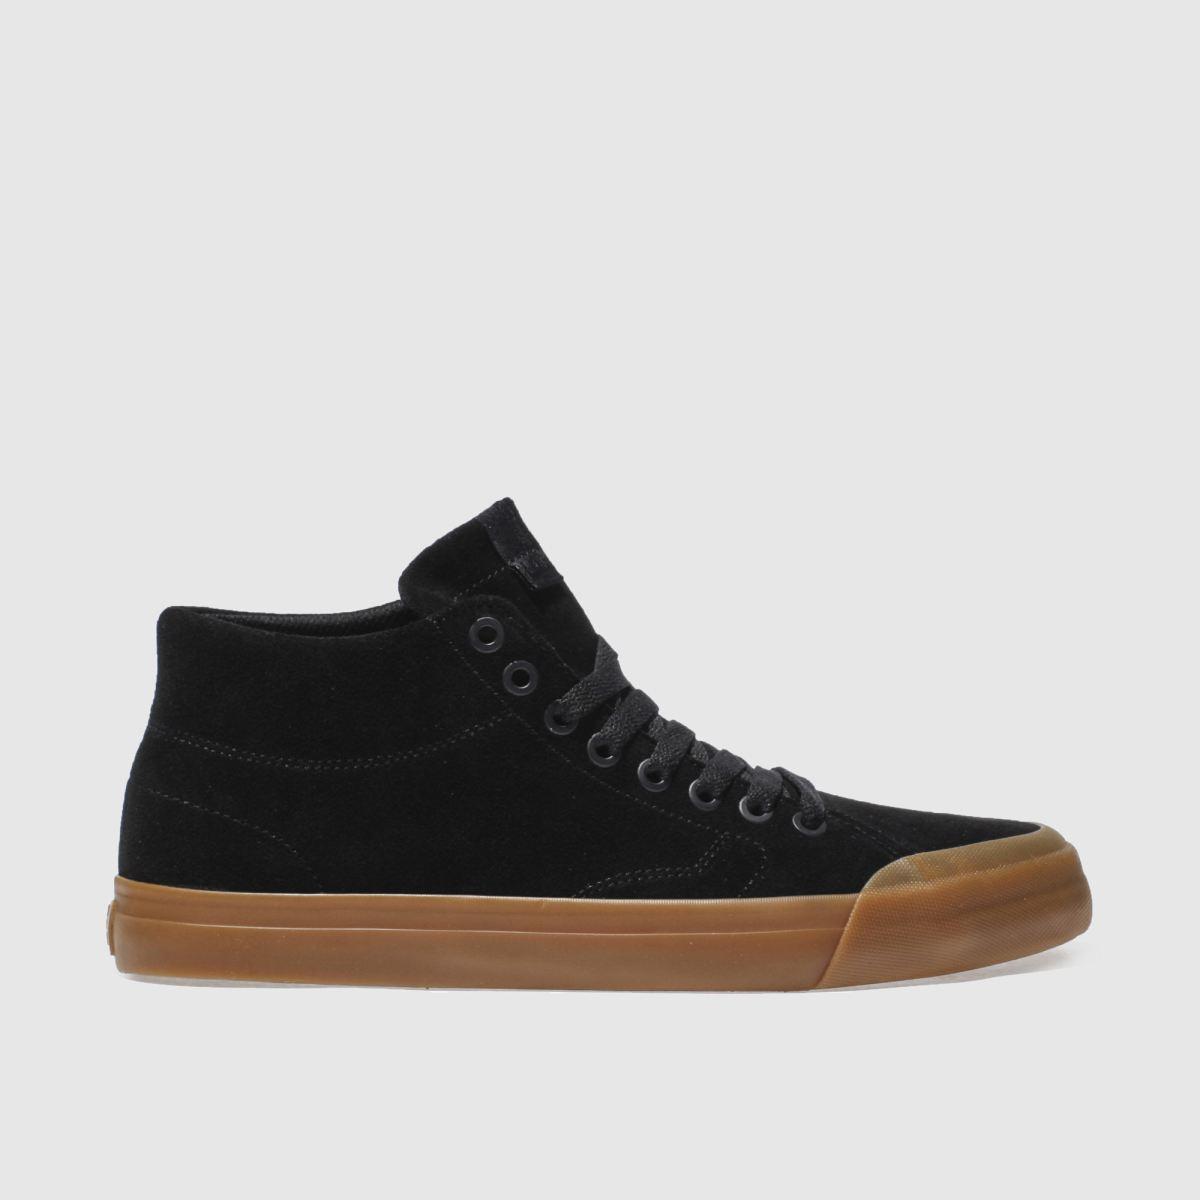 dc shoes Dc Shoes Black Evan Smith Hi Zero Trainers